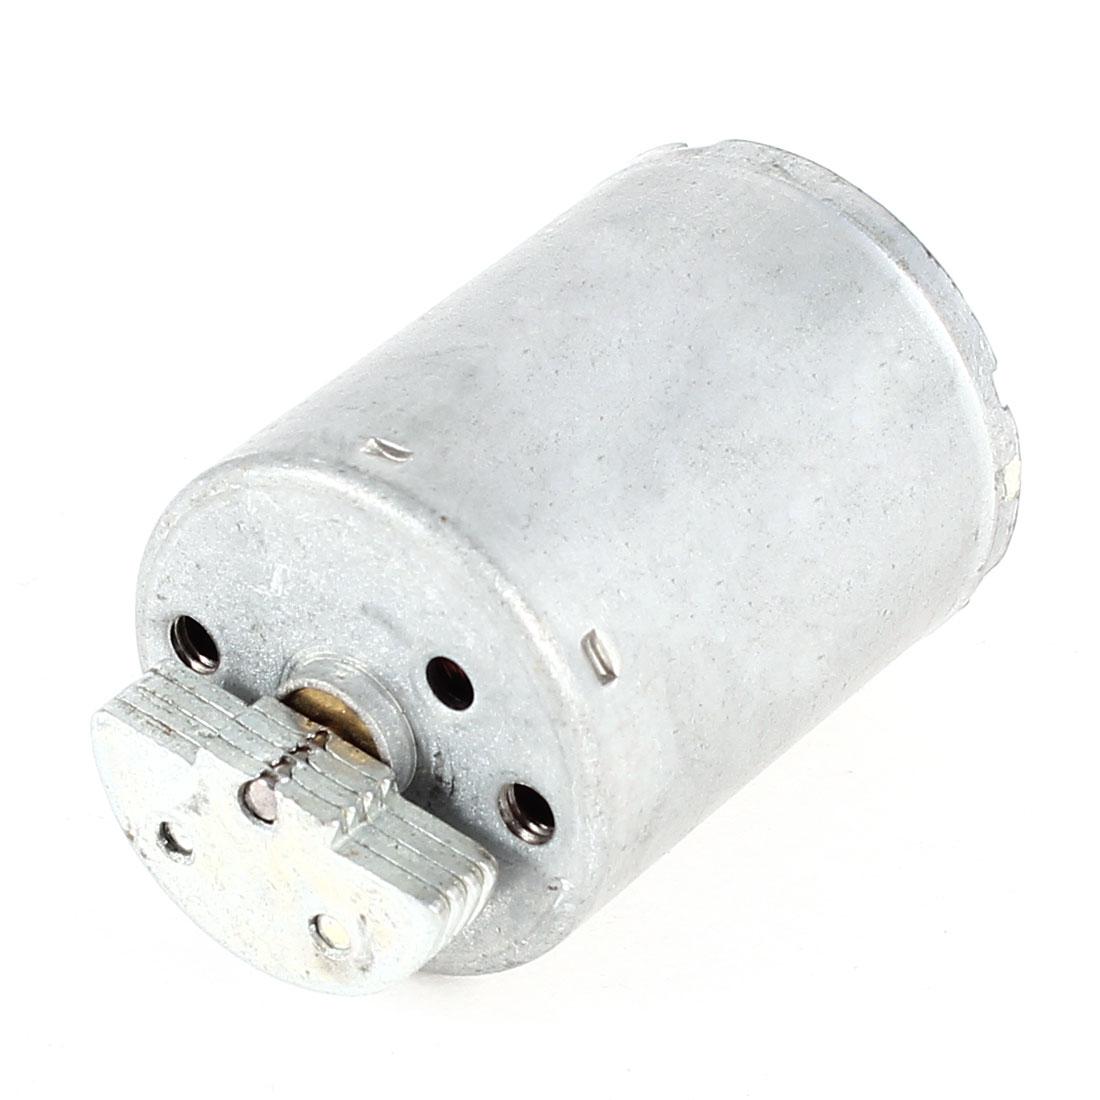 25mm Dia Mini Vibration Vibrating Electric Motor DC 3-6V 5200RPM for Toys